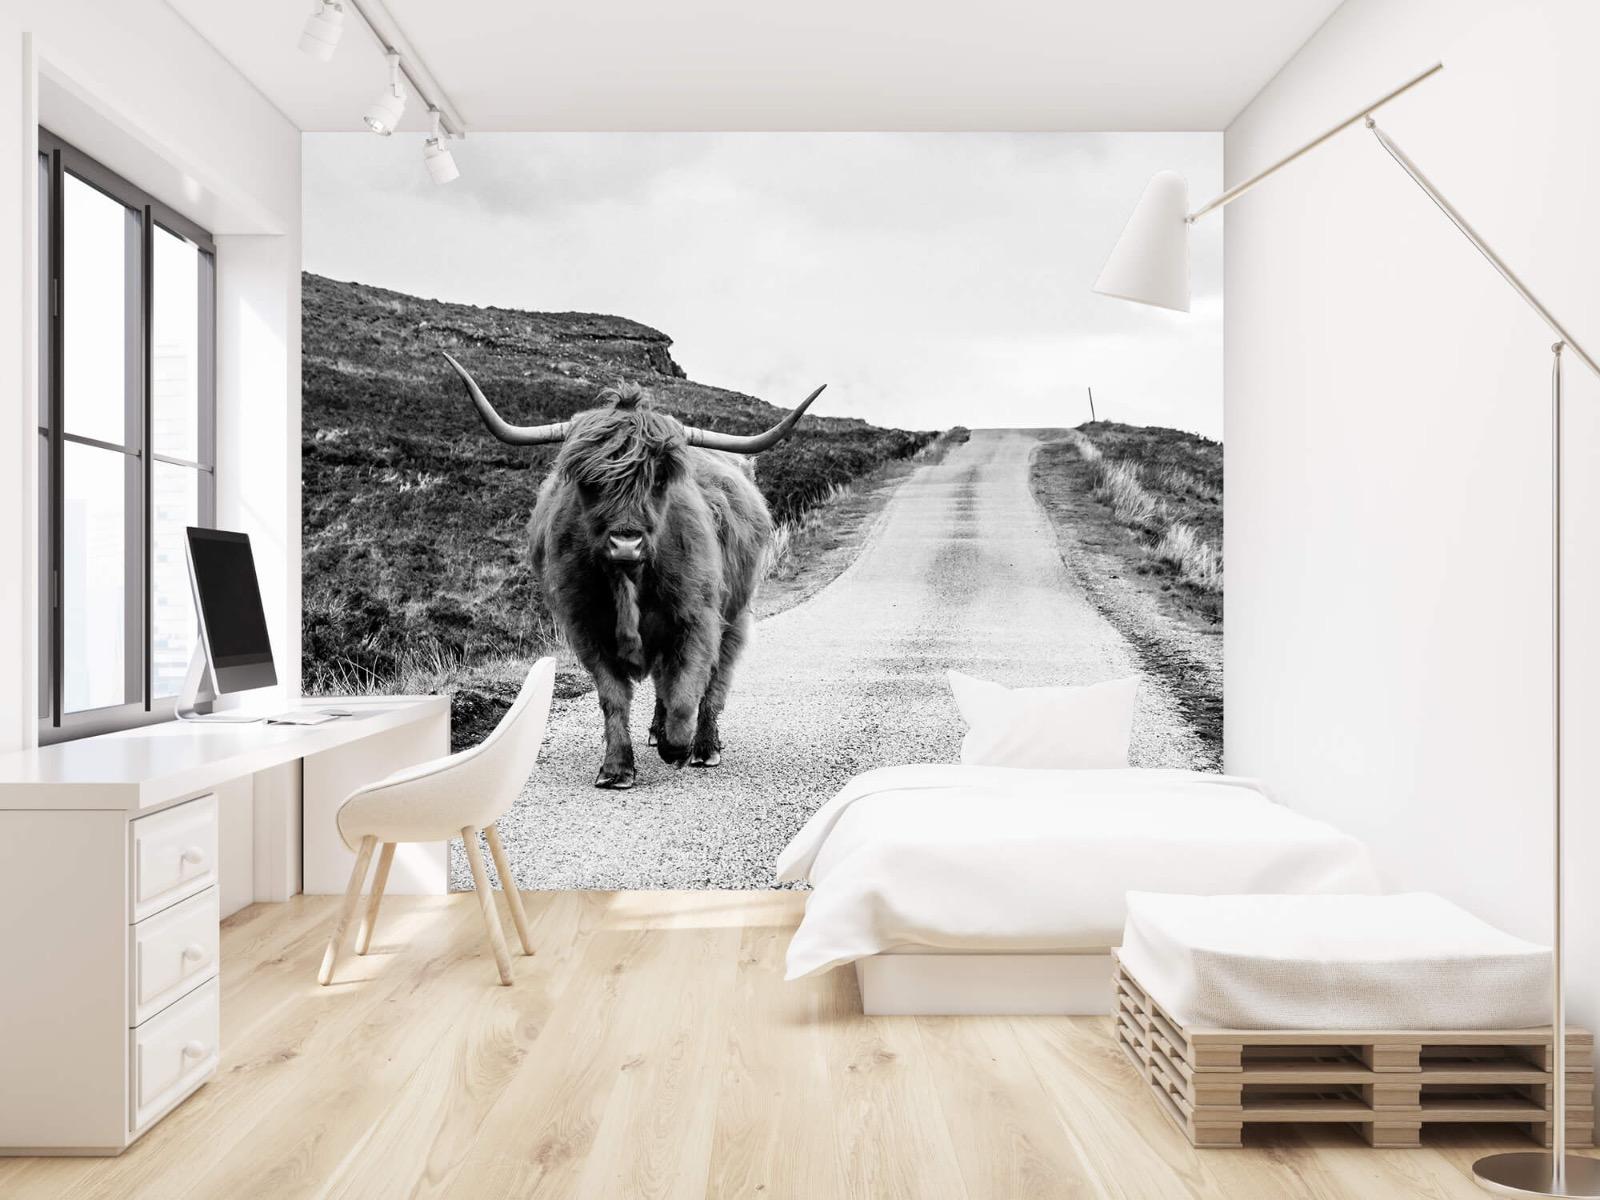 Hooglanders - Schotse hooglander op een weg - Slaapkamer 22